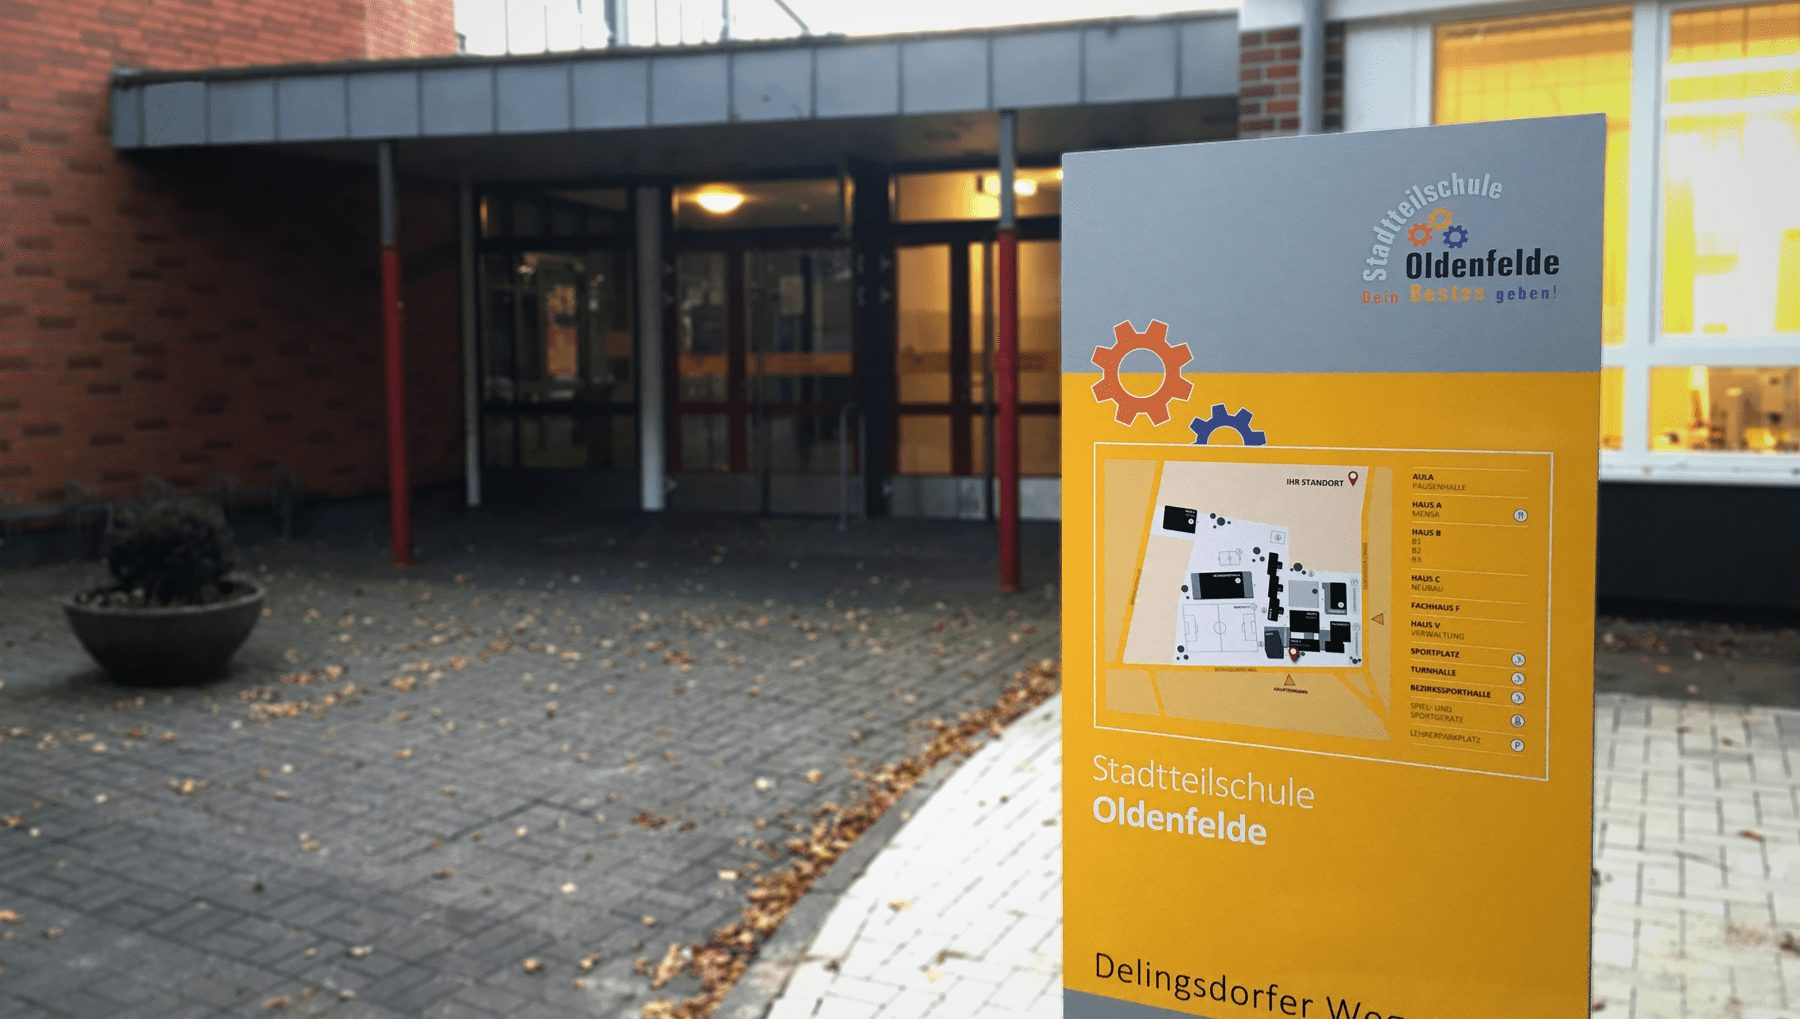 Neues Leitsystem für die Stadtteilschule Oldenfelde